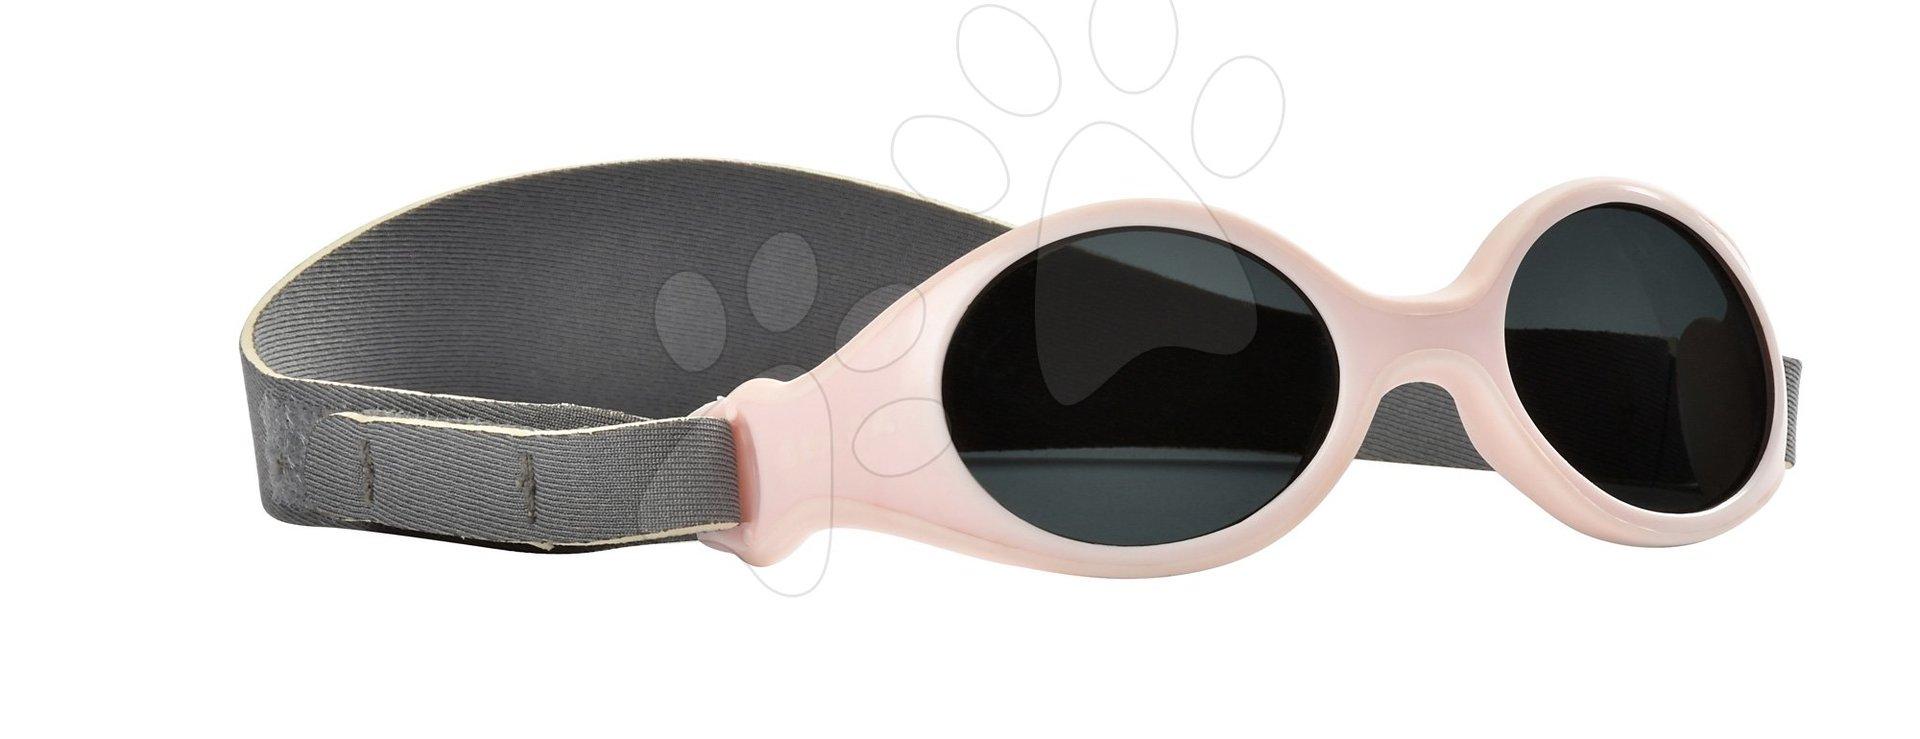 Sluneční brýle pro novorozence Beaba Clip strap XS od 3 měsíců s UV filtrem 4 růžové